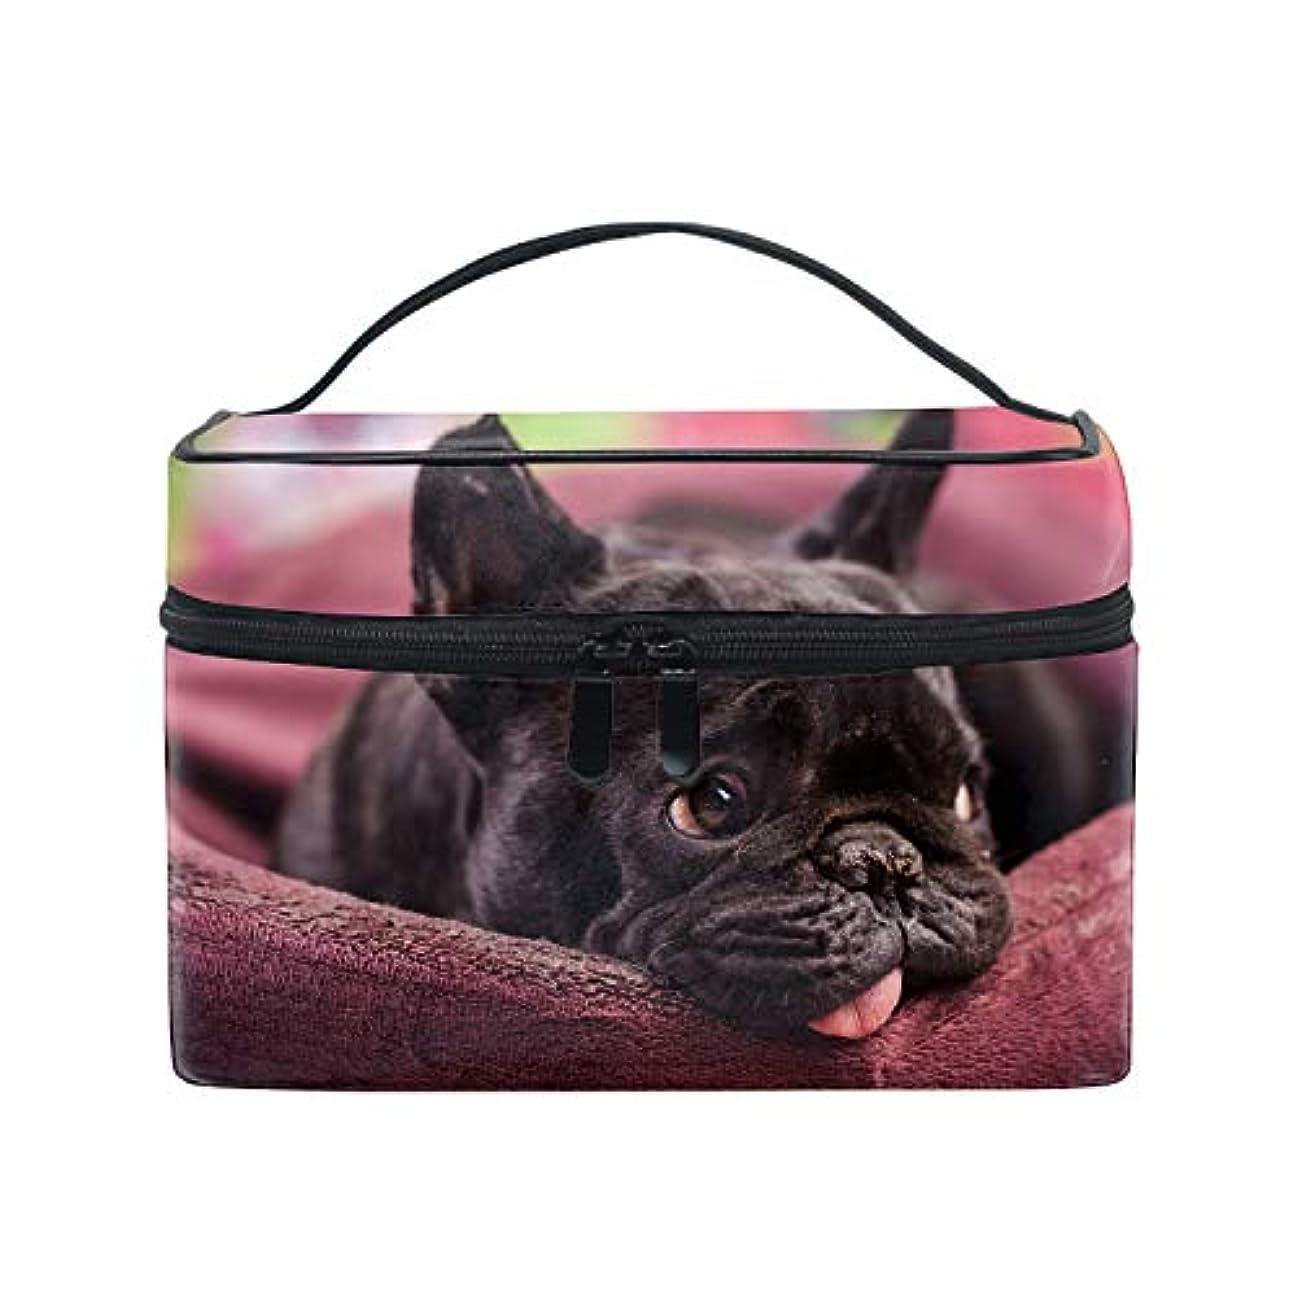 望ましいリム禁輸トラベルポーチ メイクポーチ 化粧ポーチ 充電器ポーチ 軽いフレンチブルドッグおかしい犬ブルドッグ